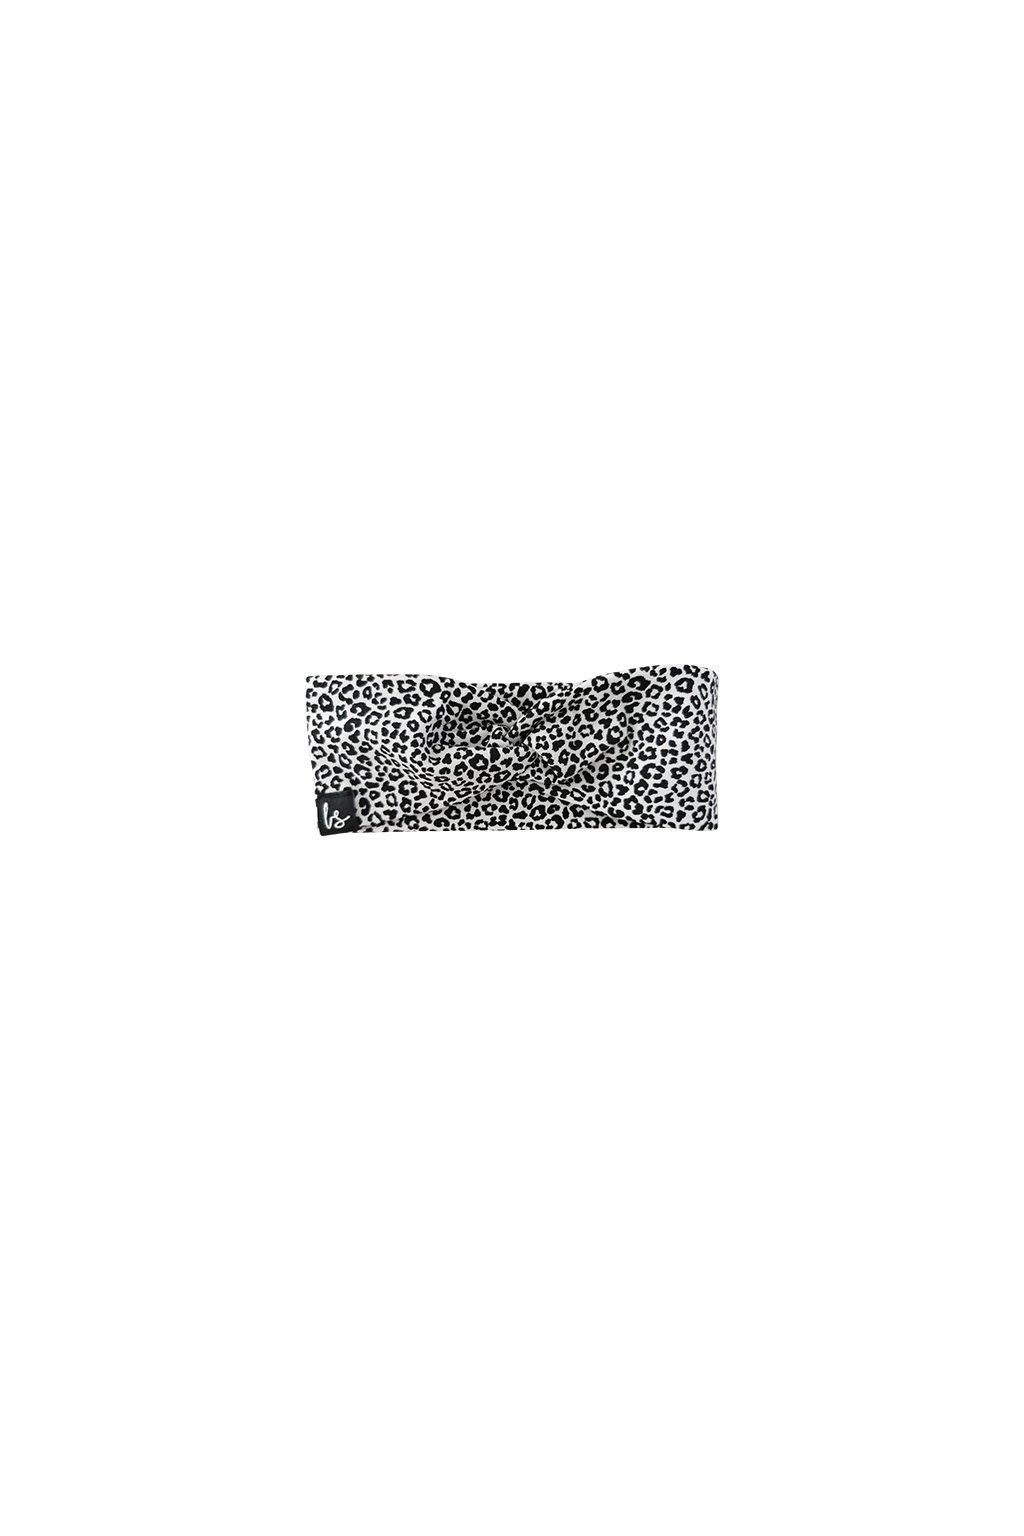 twist haarbandje luipaard small wit babystyling